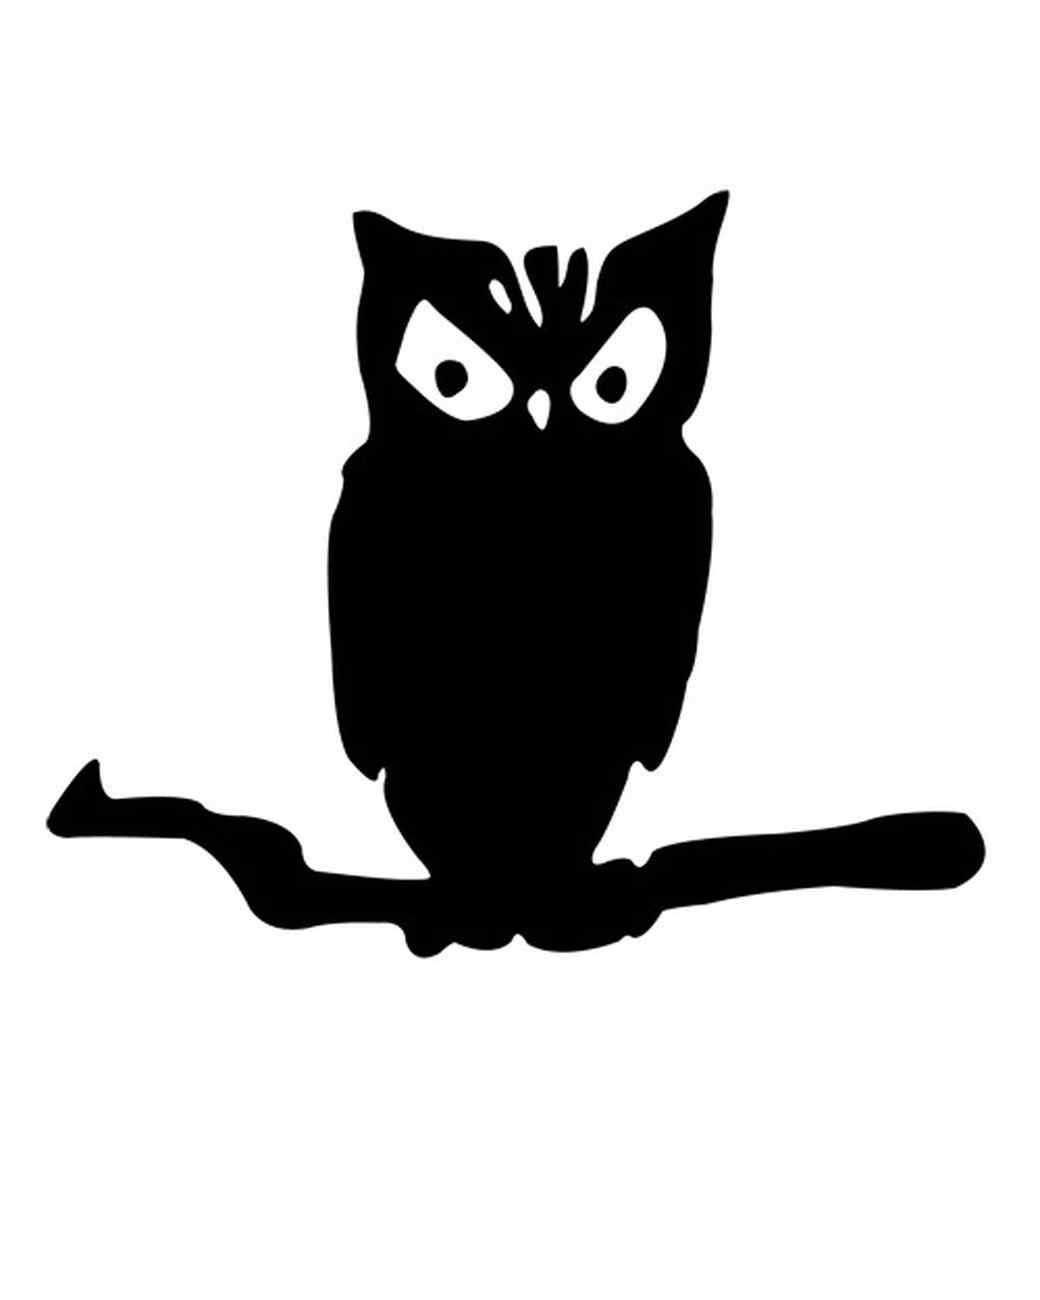 1004_spooky_owl.jpg